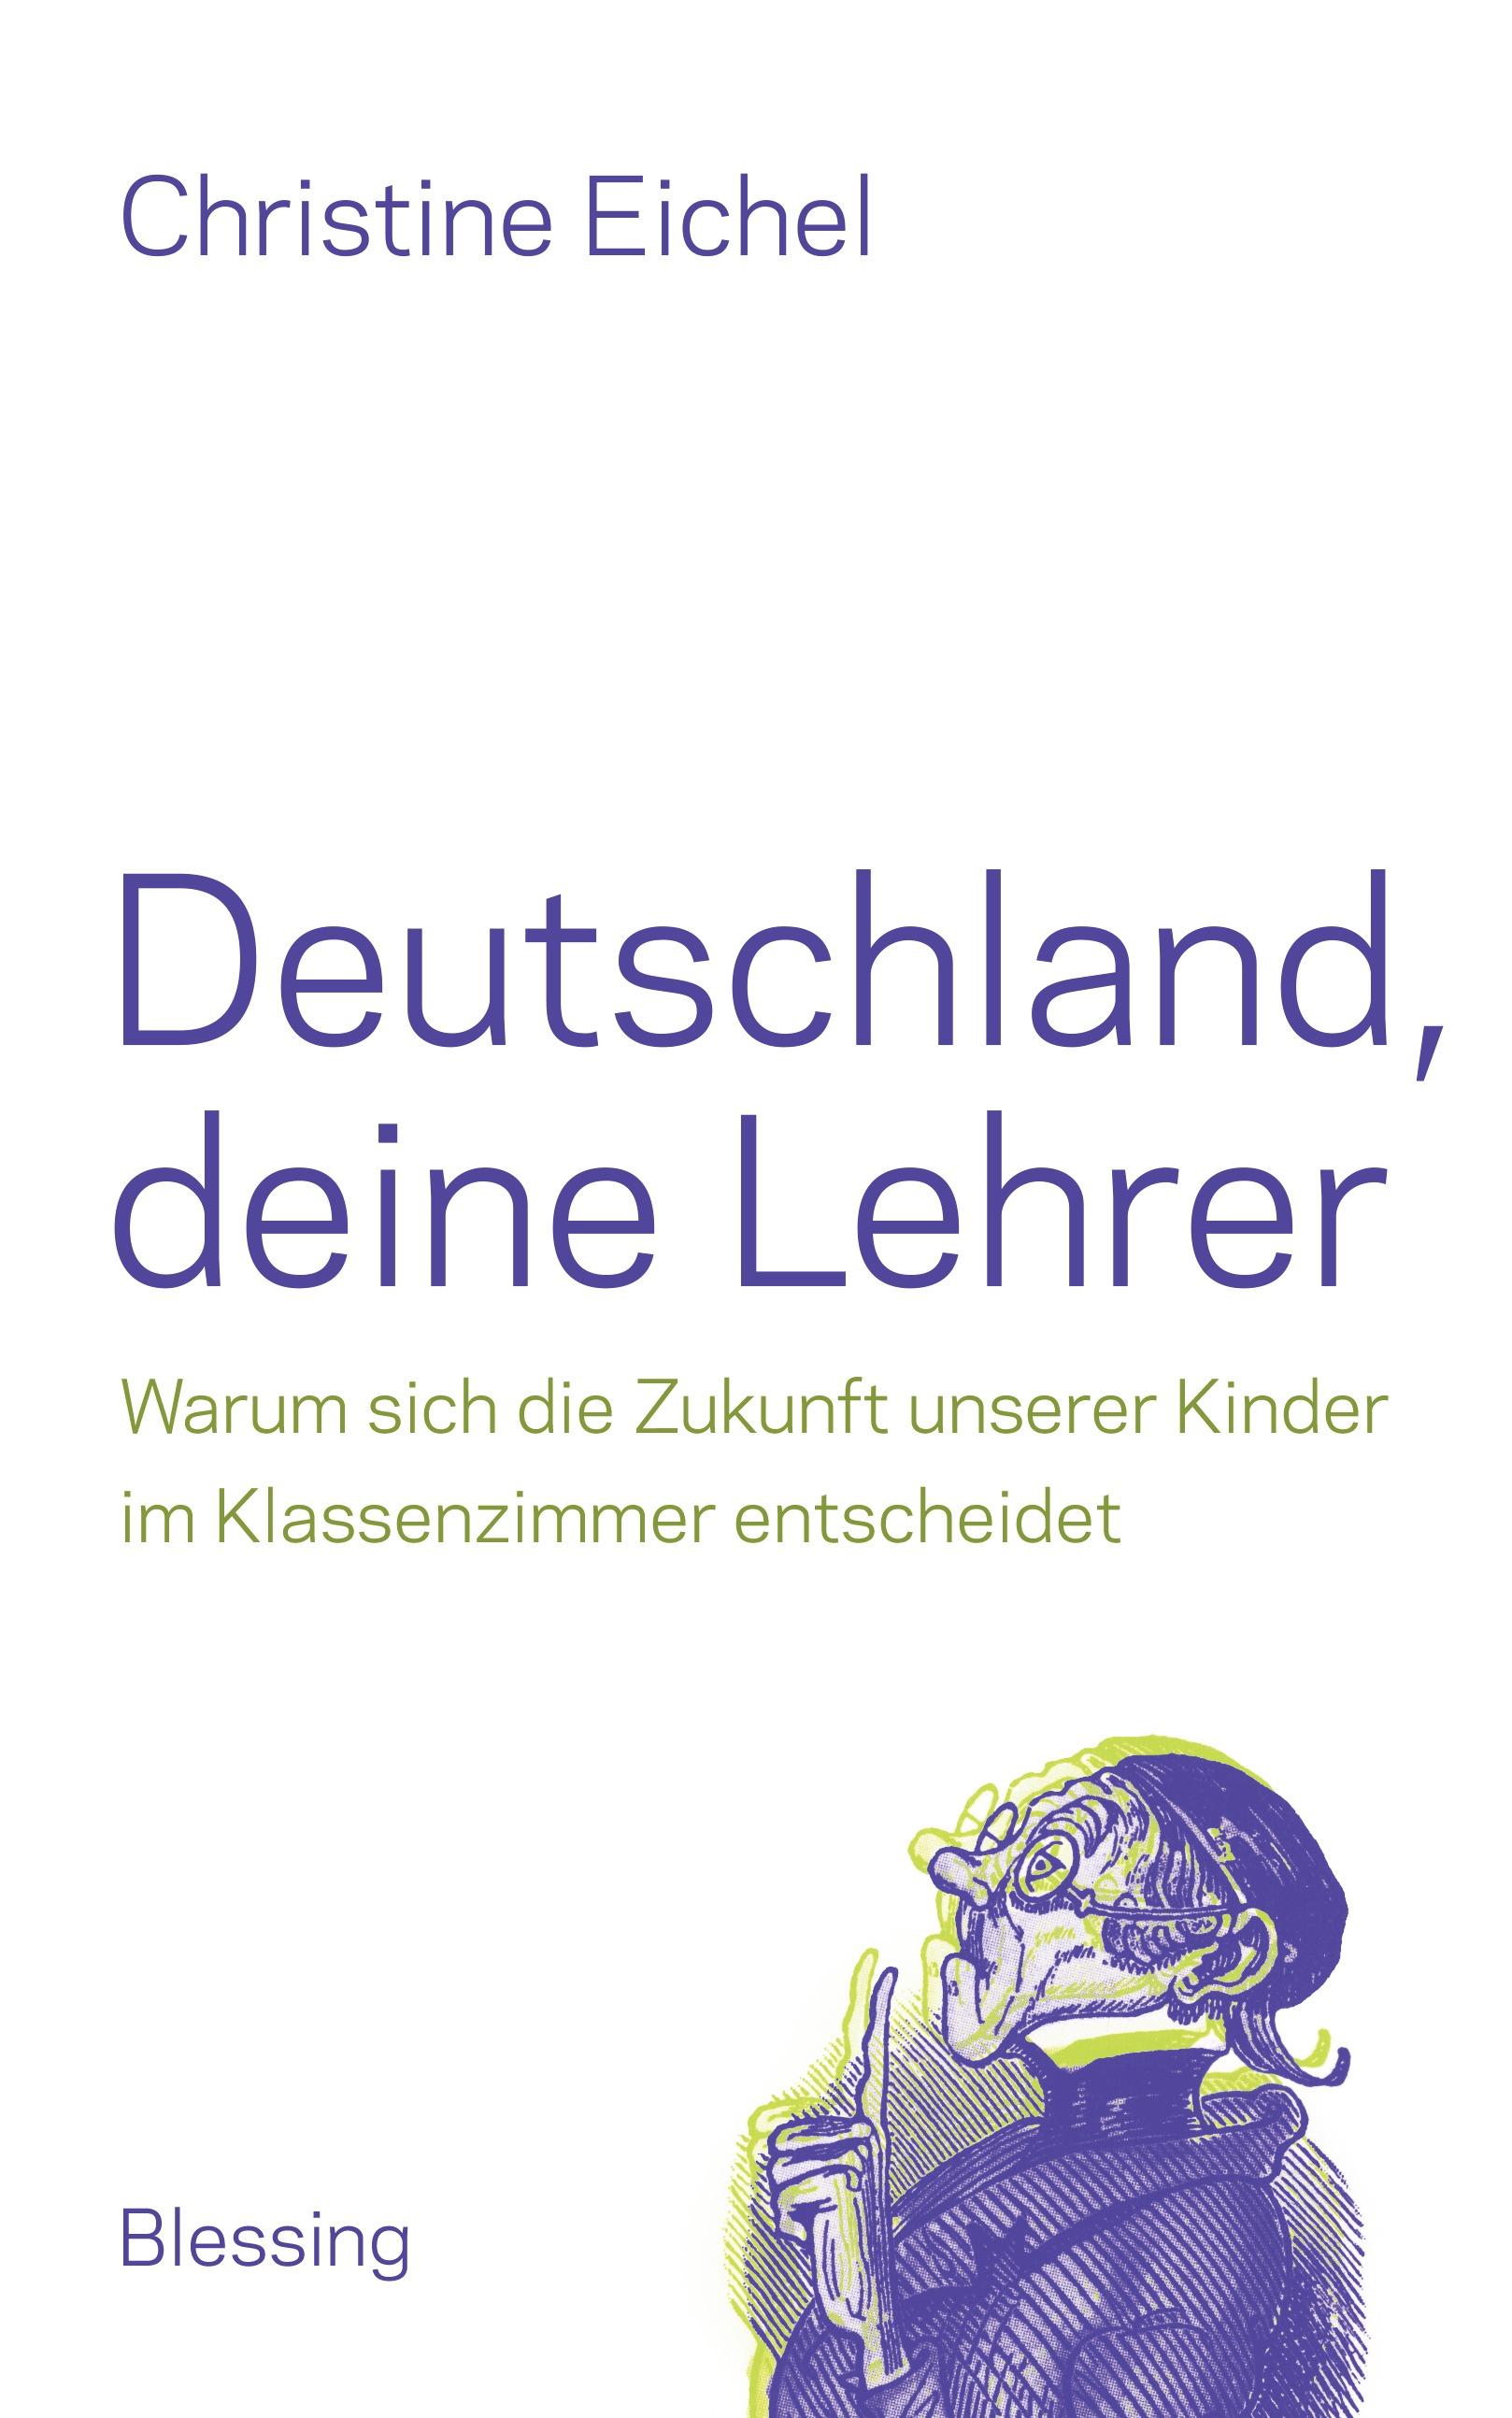 Deutschland, deine Lehrer: Warum sich die Zukun...